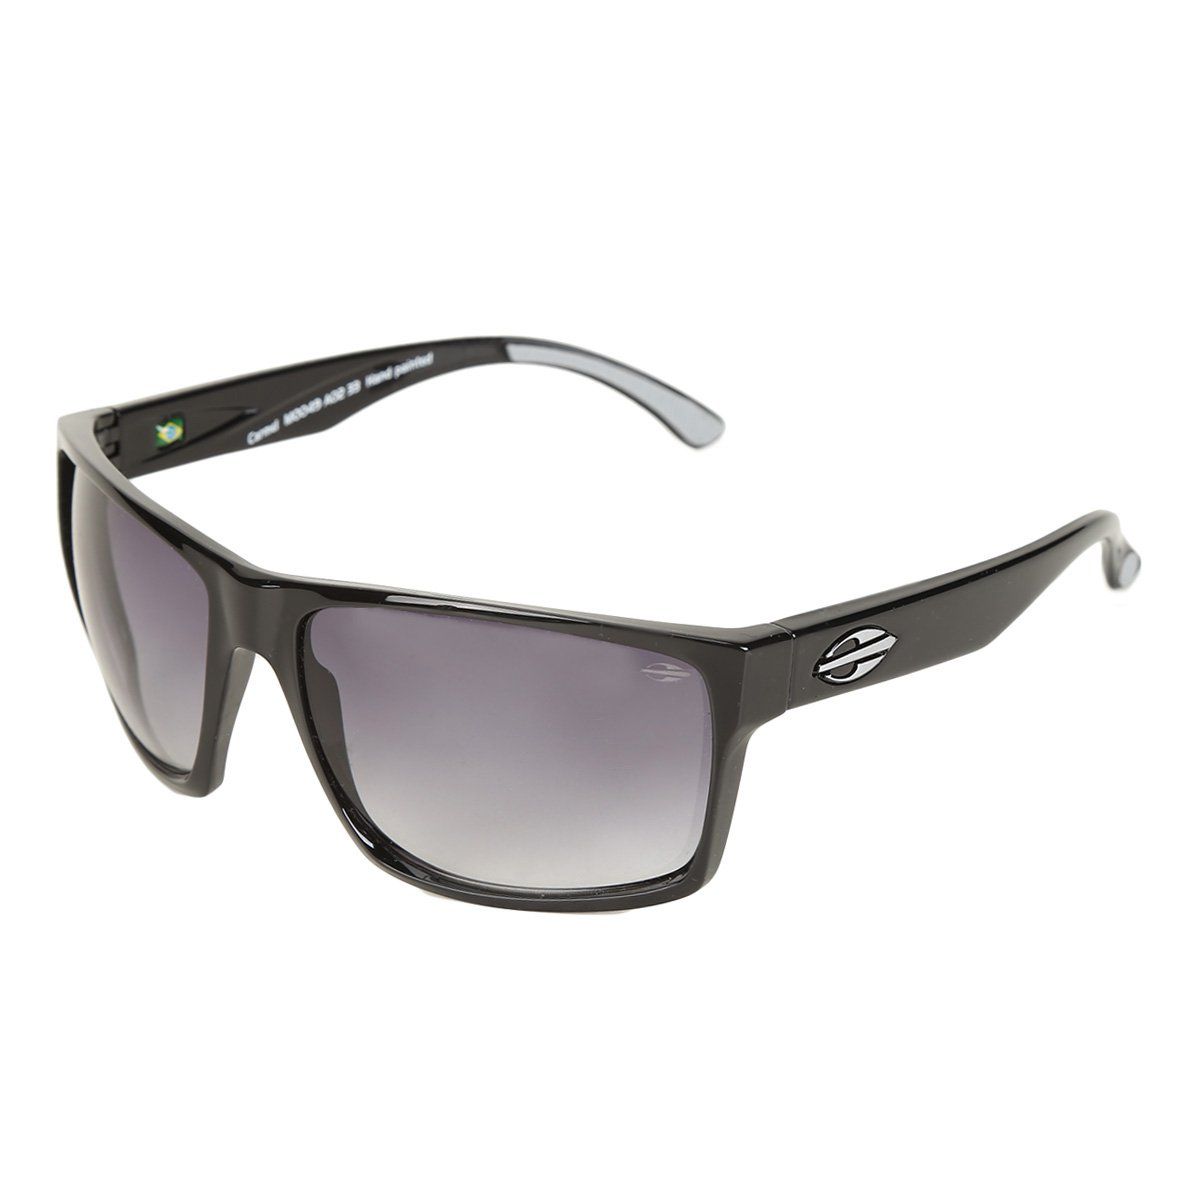 Óculos de Sol Mormaii Carmel Brilho Degrade Masculino   Livelo -Sua ... db038405e3